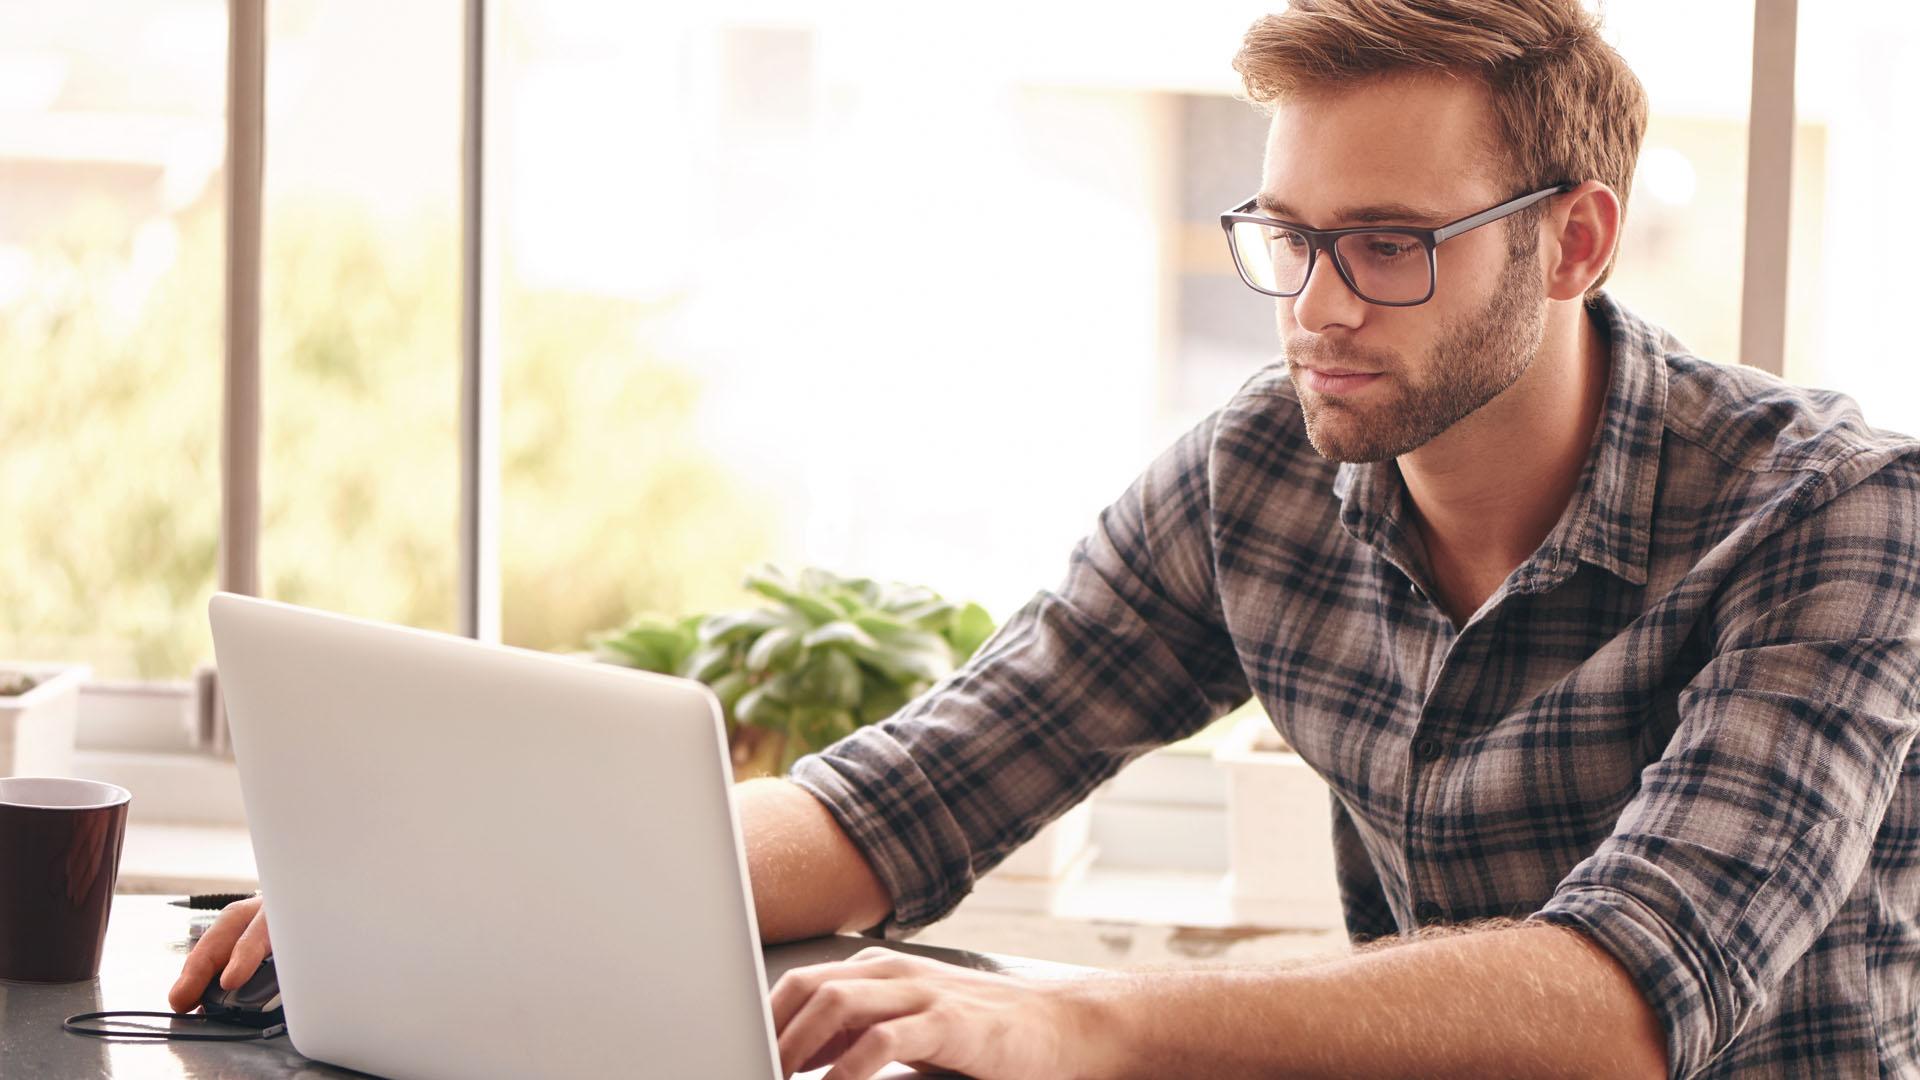 O que as pessoas procuram nos cursos online